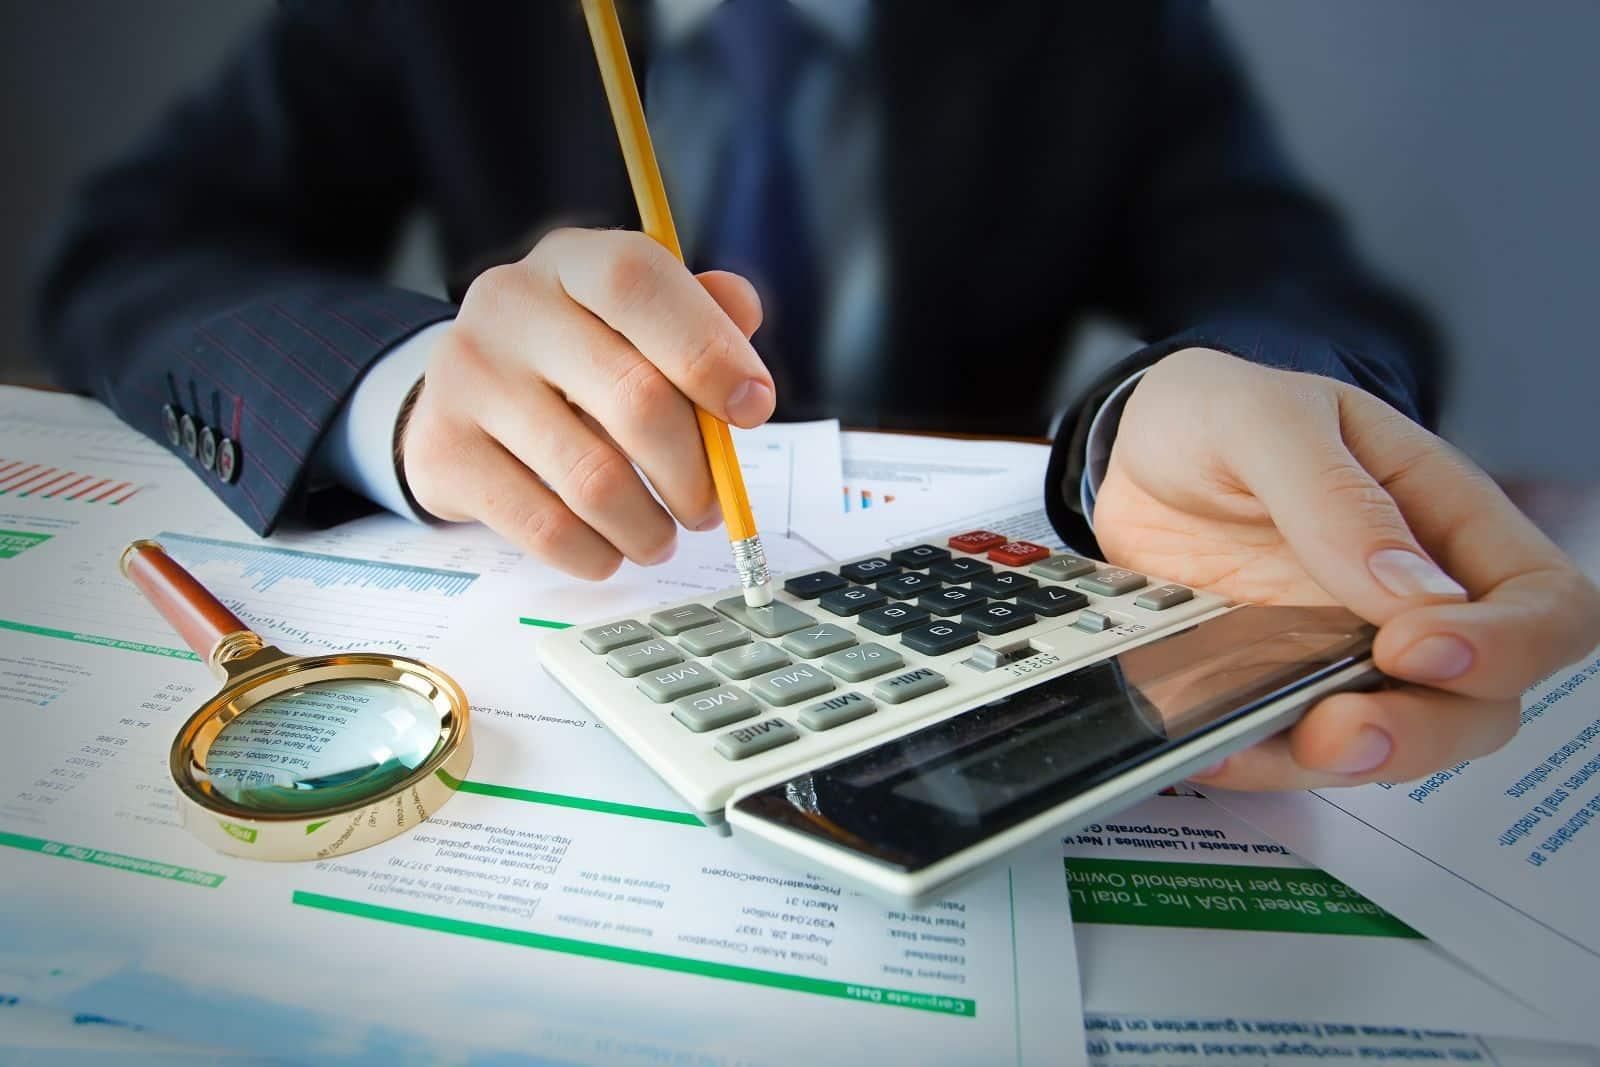 Kế toán doanh nghiệp là gì? Những điều cần biết về kế toán doanh nghiệp